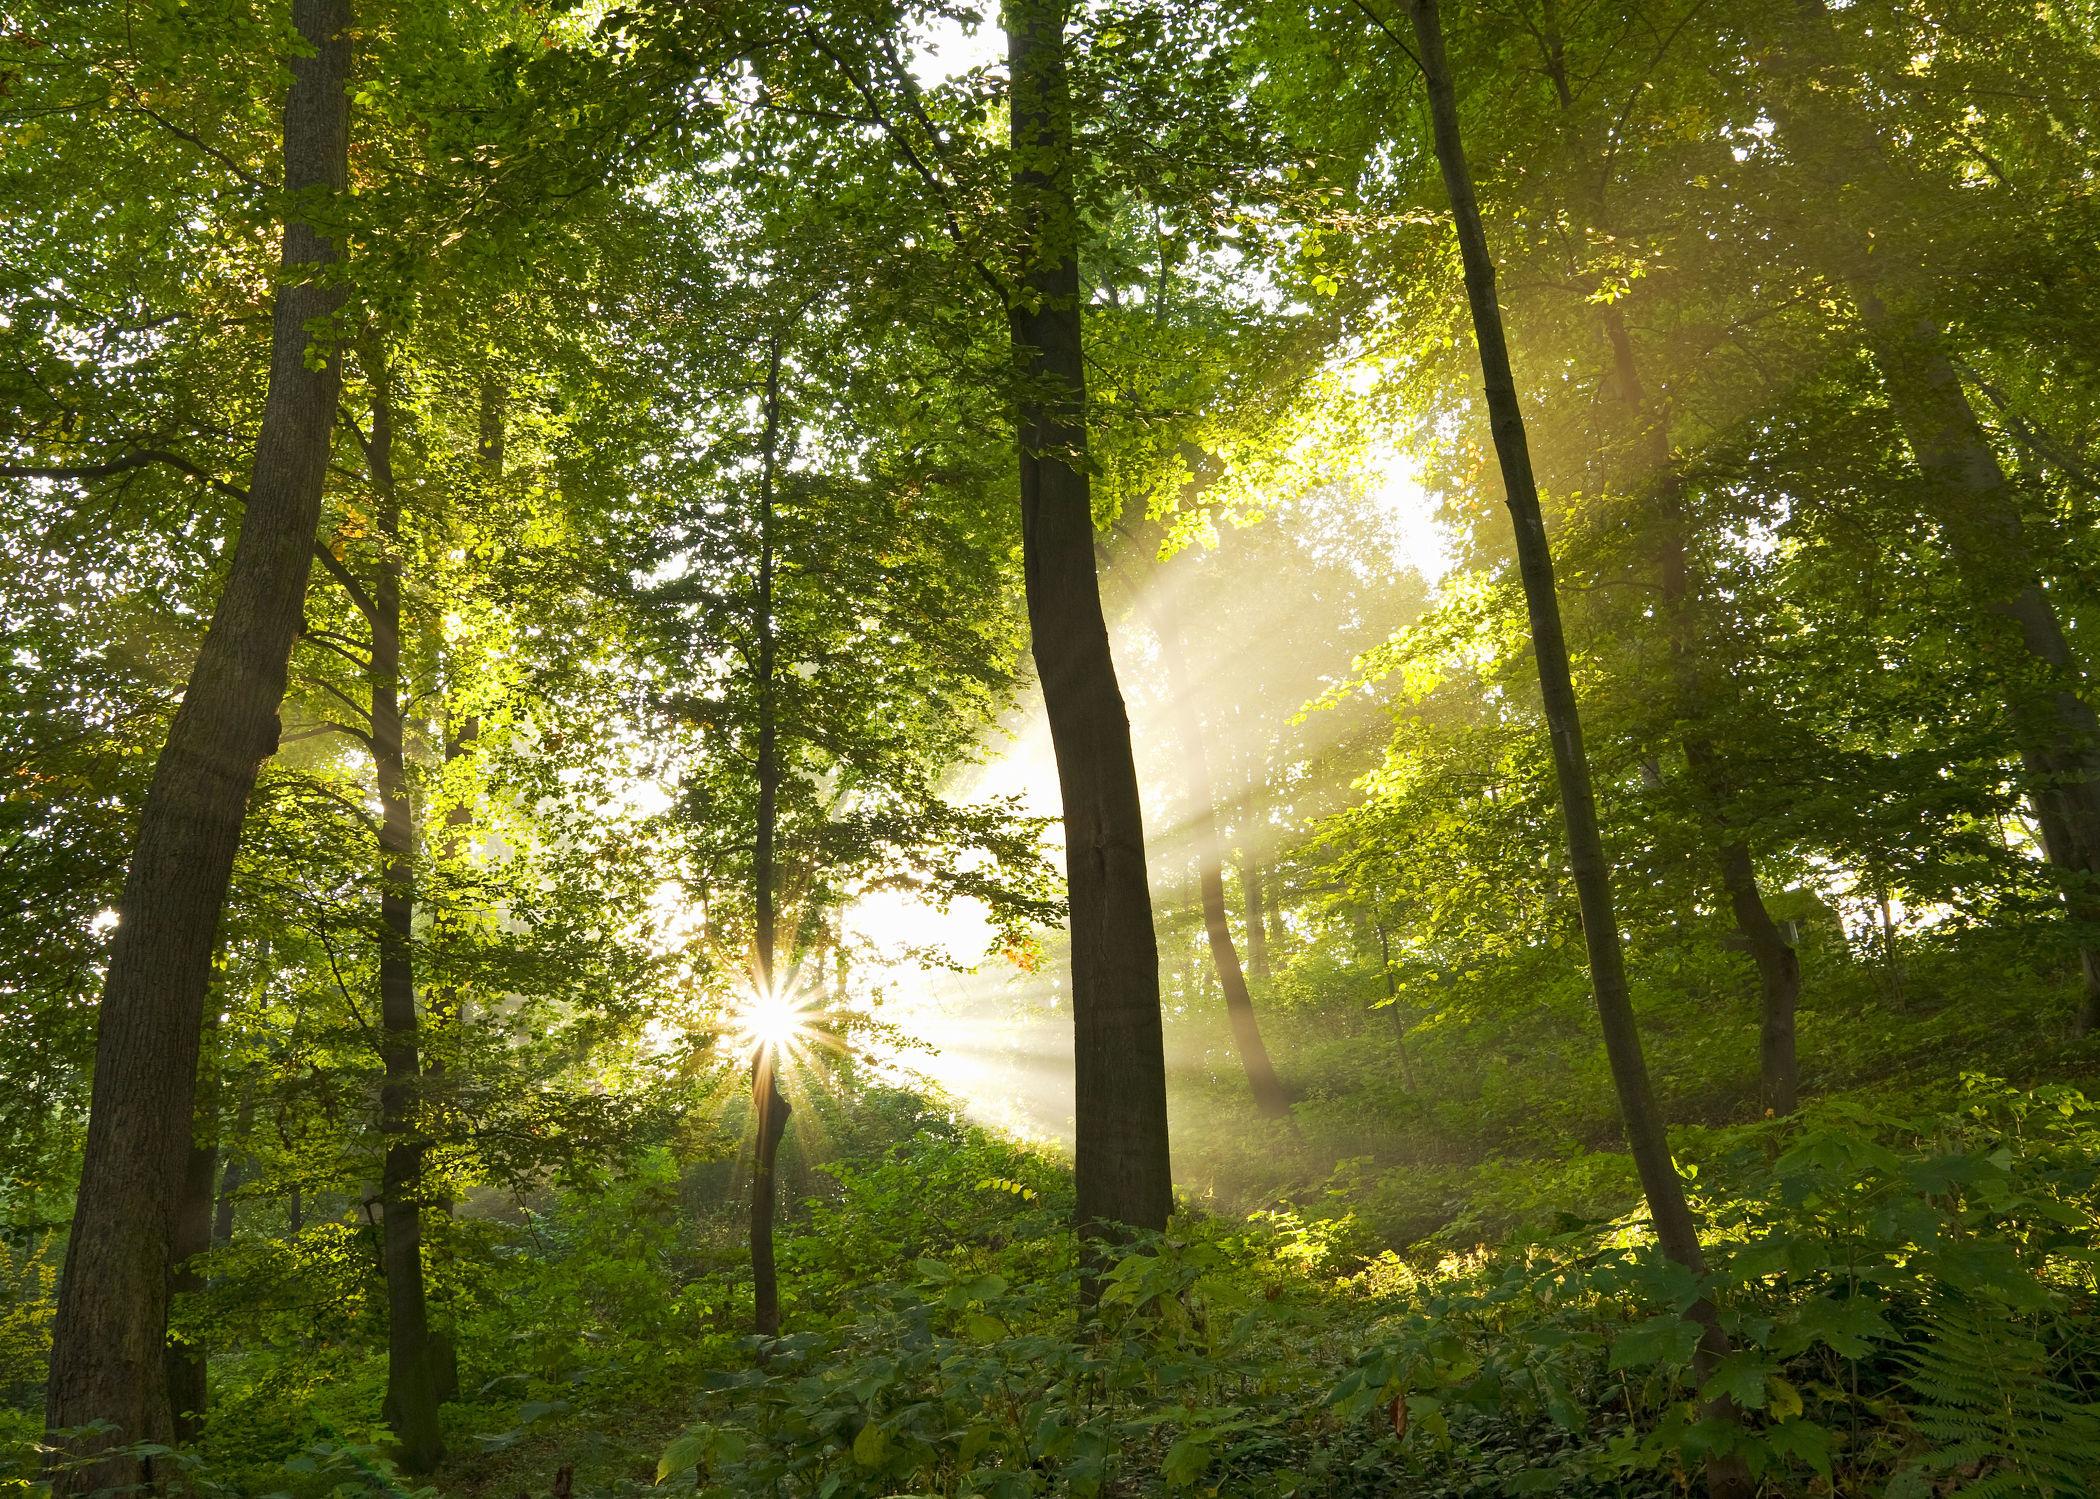 Bild mit Natur, Landschaften, Bäume, Wälder, Sonne, Wald, Baum, Waldlichtung, Landschaft, Märchenwald